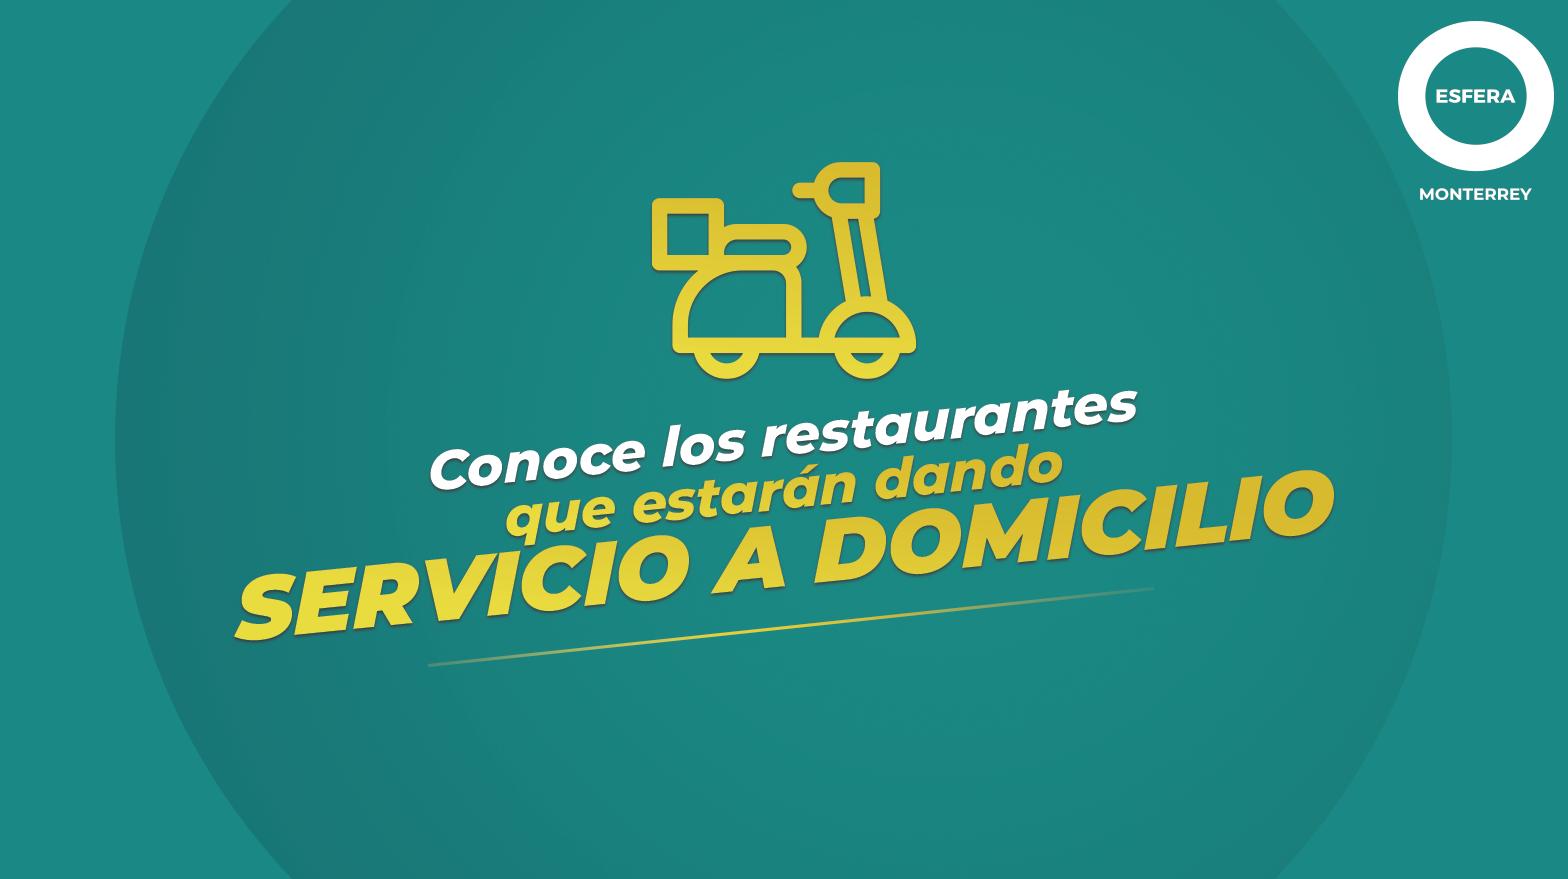 Conoce los restaurantes con servicio a domicilio en Esfera Monterrey